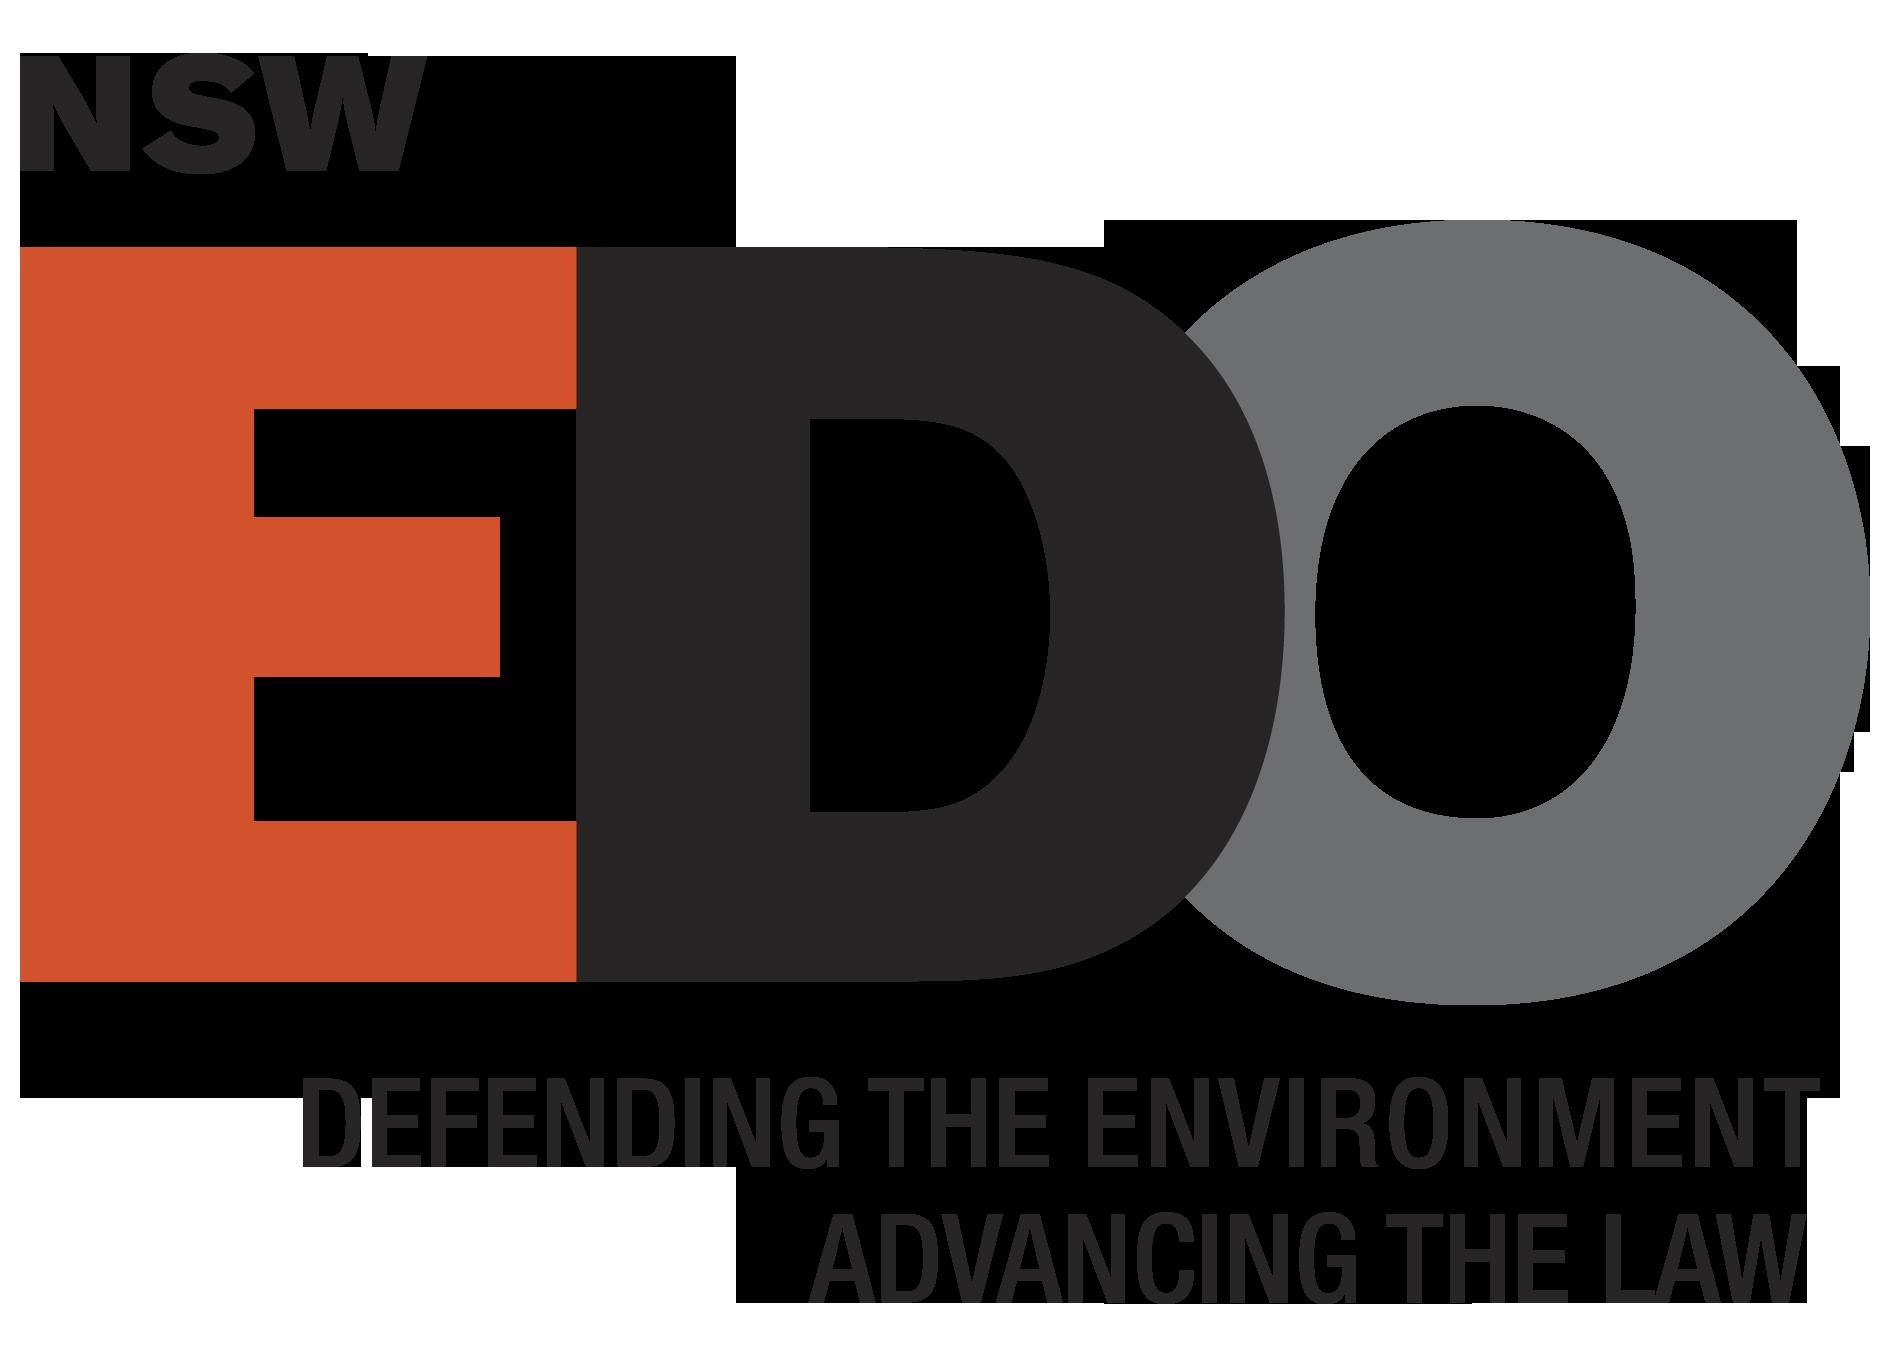 EDO NSW